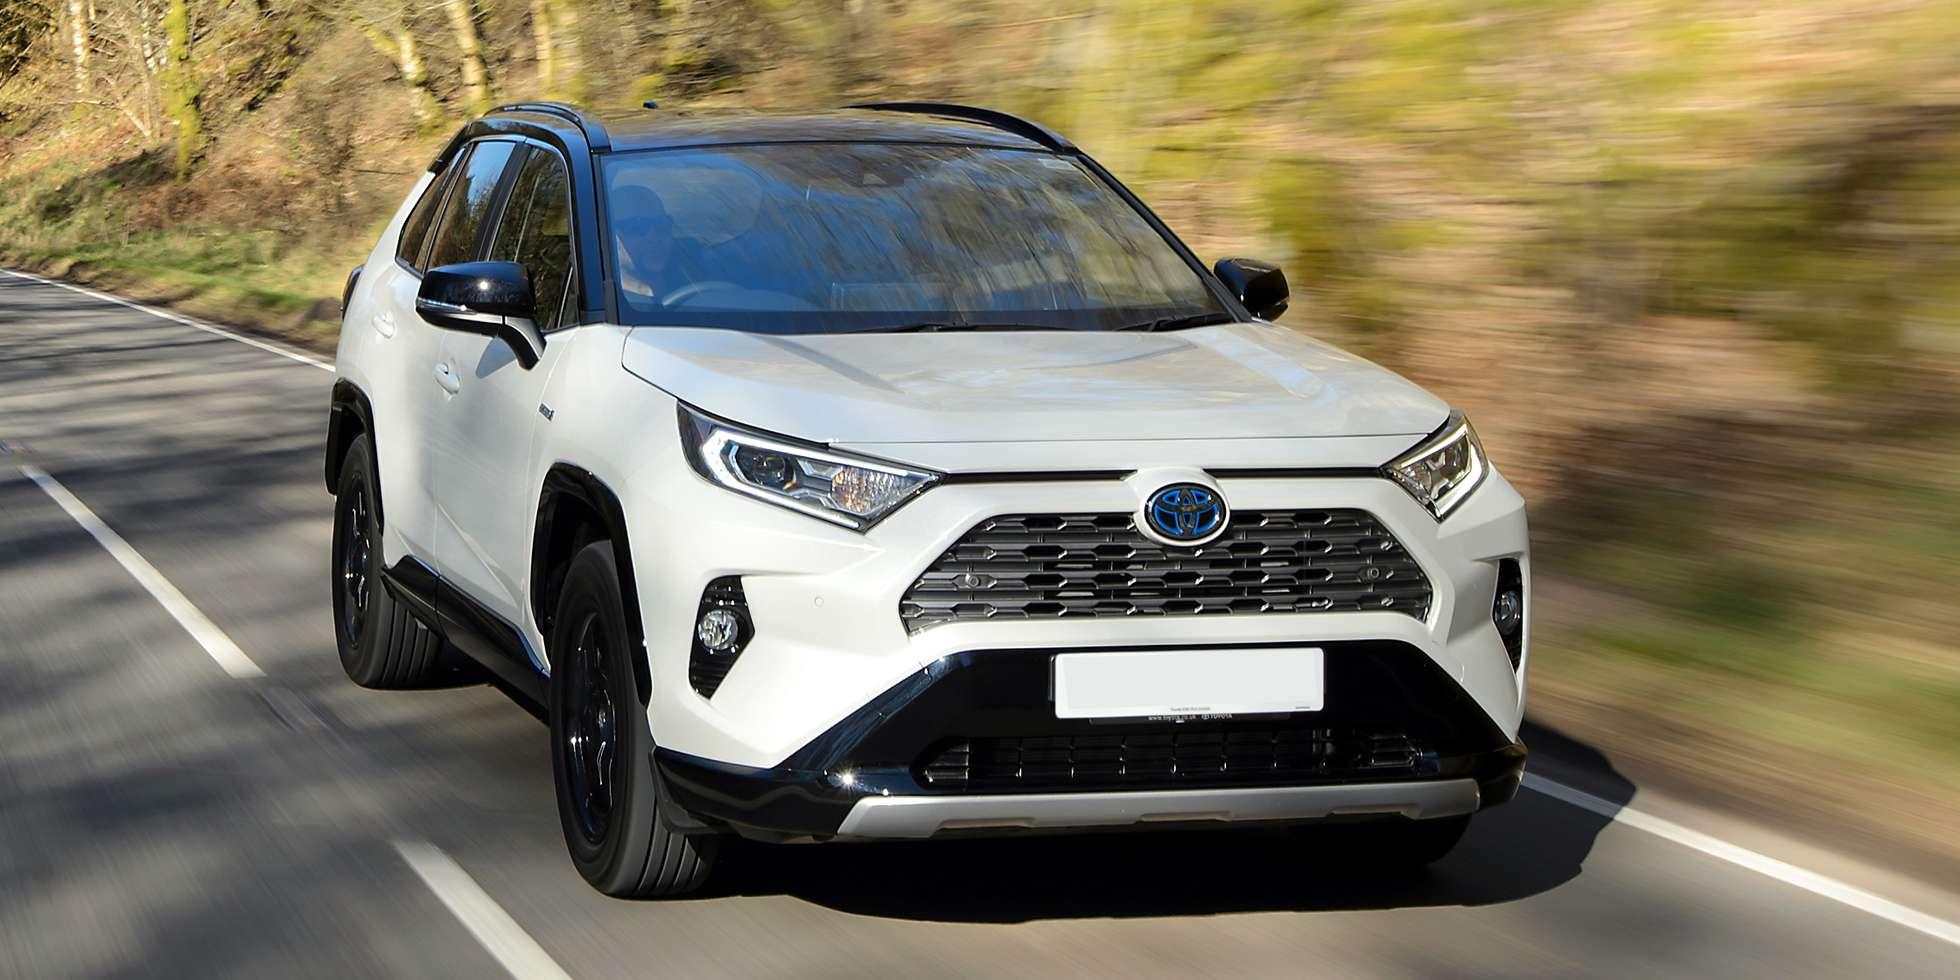 Toyota-RAV4-hybrid-suv